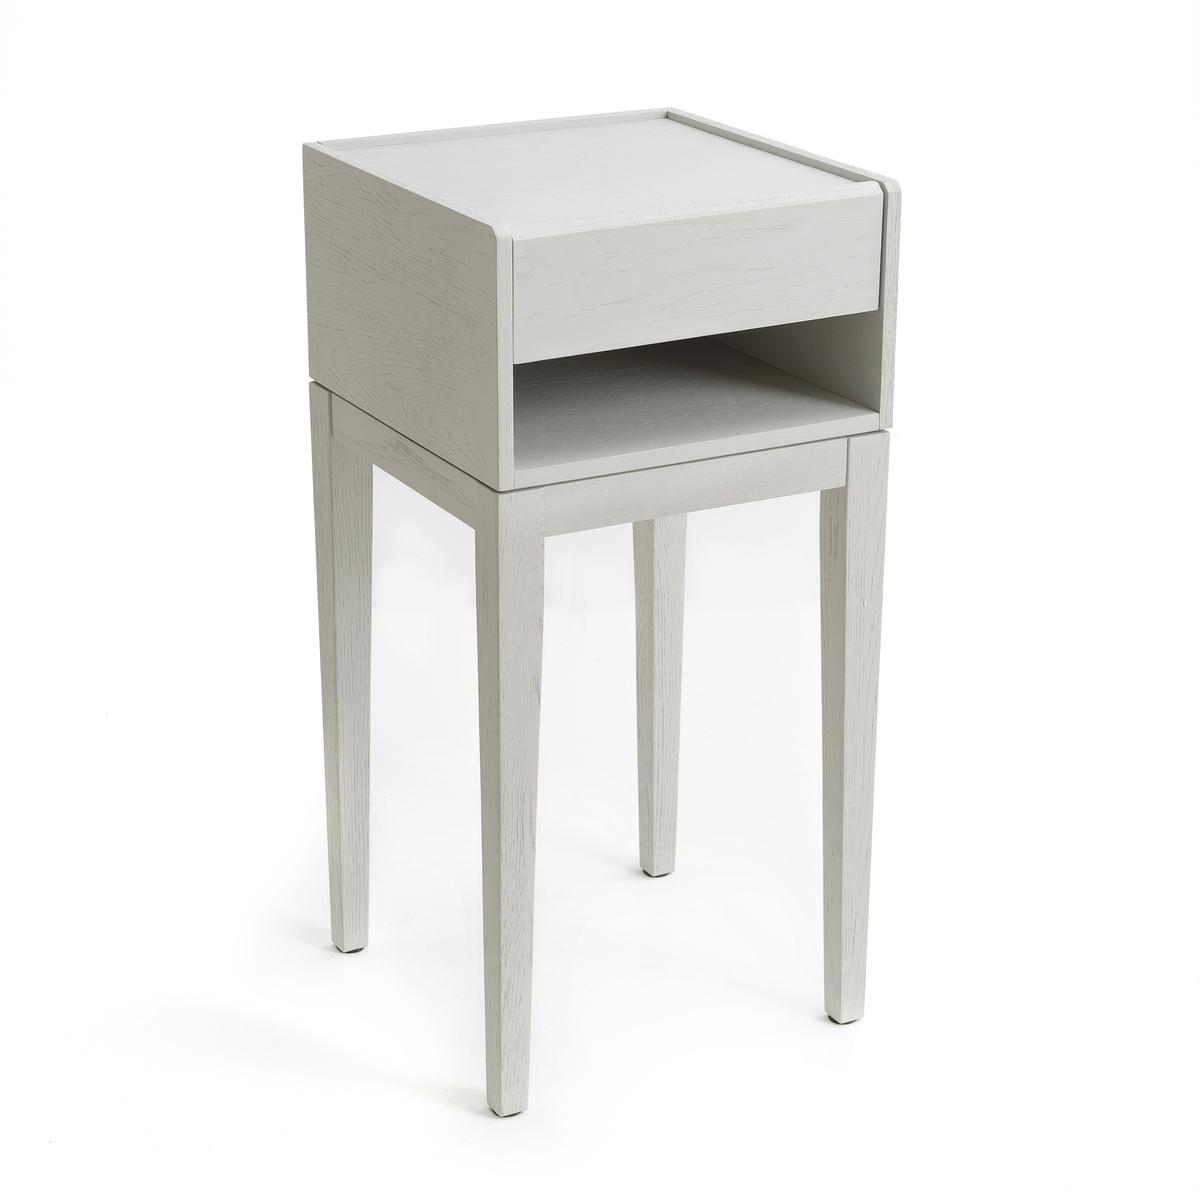 Столик прикроватный  Nizou, Design E.GallinaПрикроватный столик Nizou, эксклюзивное творение Эммануэля Галлины  для AM.PM   .Прикроватный столик без излишек. Один материал, простота и утонченность - главные характеристики этого изделия. Высокие и утонченные ножки, практичные комоды - предметы утонченной коллекции, которые естественным образом впишутся в Ваш интерьер.Дизайнер - Эммануэль Галлина. Элегантность, очевидность и простота - ключевые критерии его работ, которые отличают тонкая проработка деталей, формы и функциональности каждой модели .Описание :- Модель натурального цвета: из дубовой фанеры с полиуретановой отделкой, модель серого цвета с покрытием краской.- 1 ящик- 1 ниша с отверстием для проводов. - Ножки из массива дуба с полиуретановой отделкой.Размеры :   - Ш.35 x В.72 x   Г.35 см.- Внутренние размеры ящика: Ш.27,5 x В.5,5 x Г.28,5 см- Внутренние размеры ниши: Ш.32 x В.8 x Г.33,5 смРазмеры и вес упаковки:- Ш.63,5 x В.30,5 x  Г.52 см, 12 кг<br><br>Цвет: серый